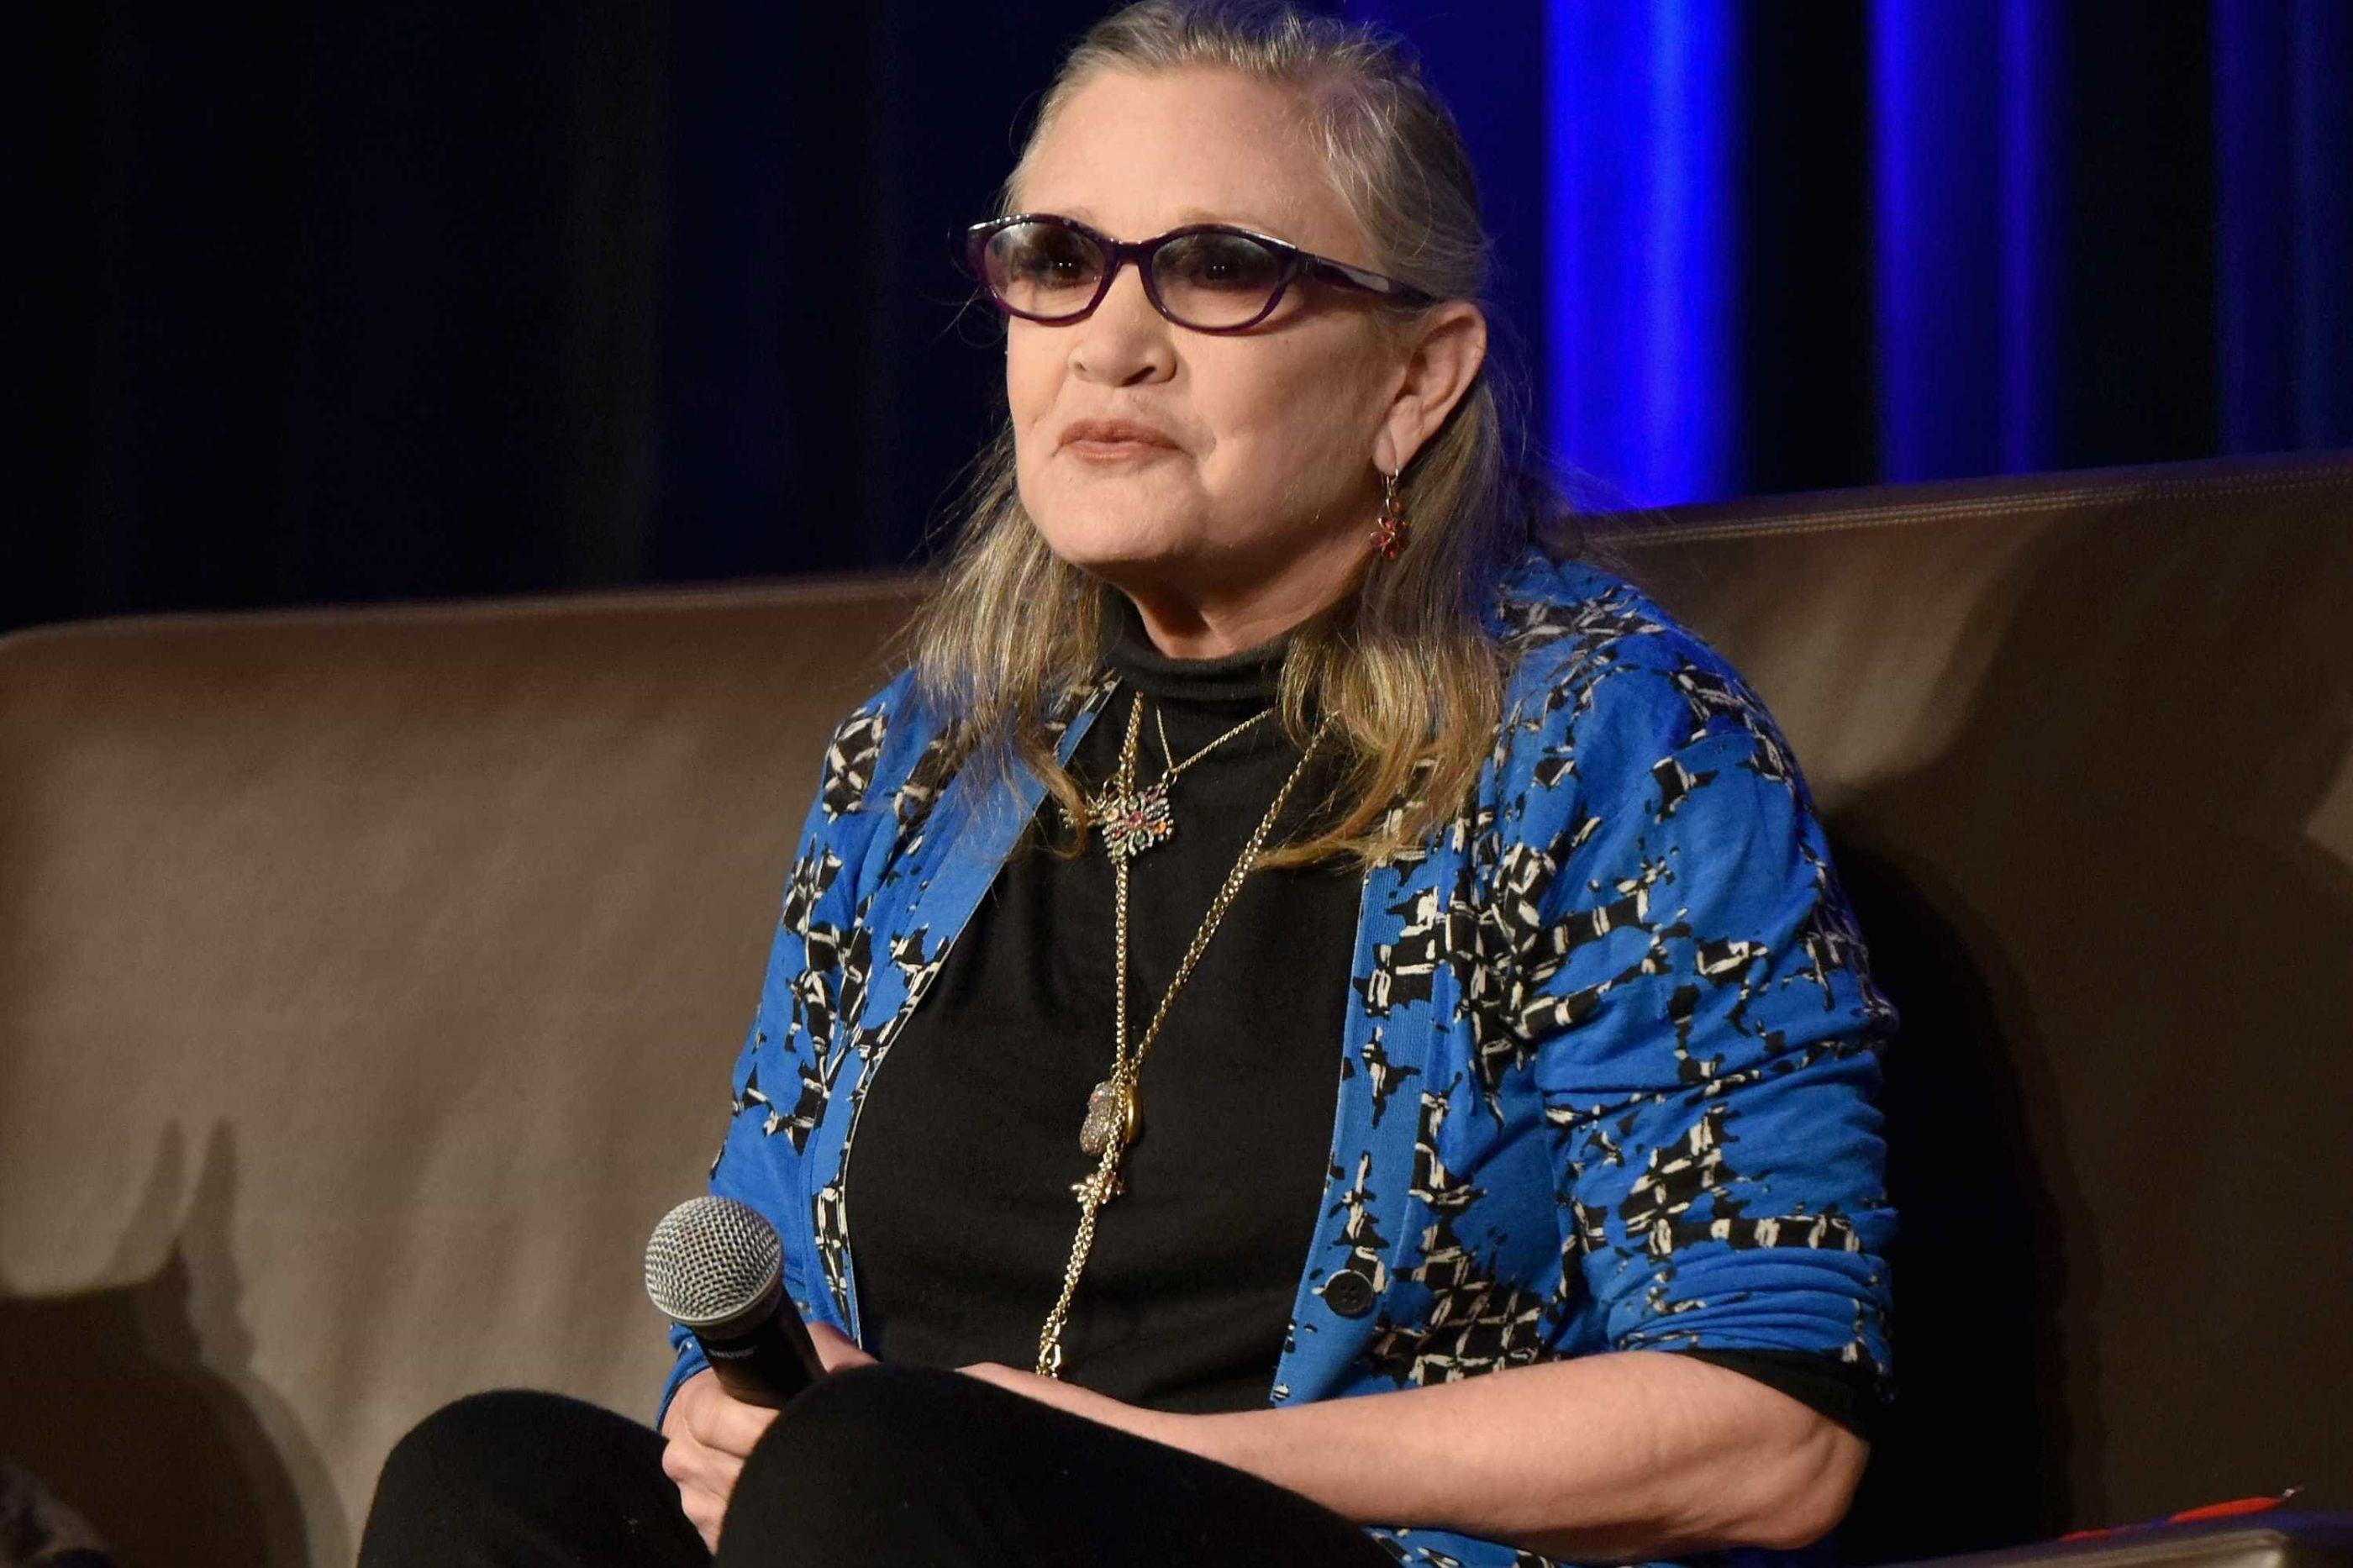 Filha e irmão de Fisher irão relembrar atriz no dia em que faria 61 anos